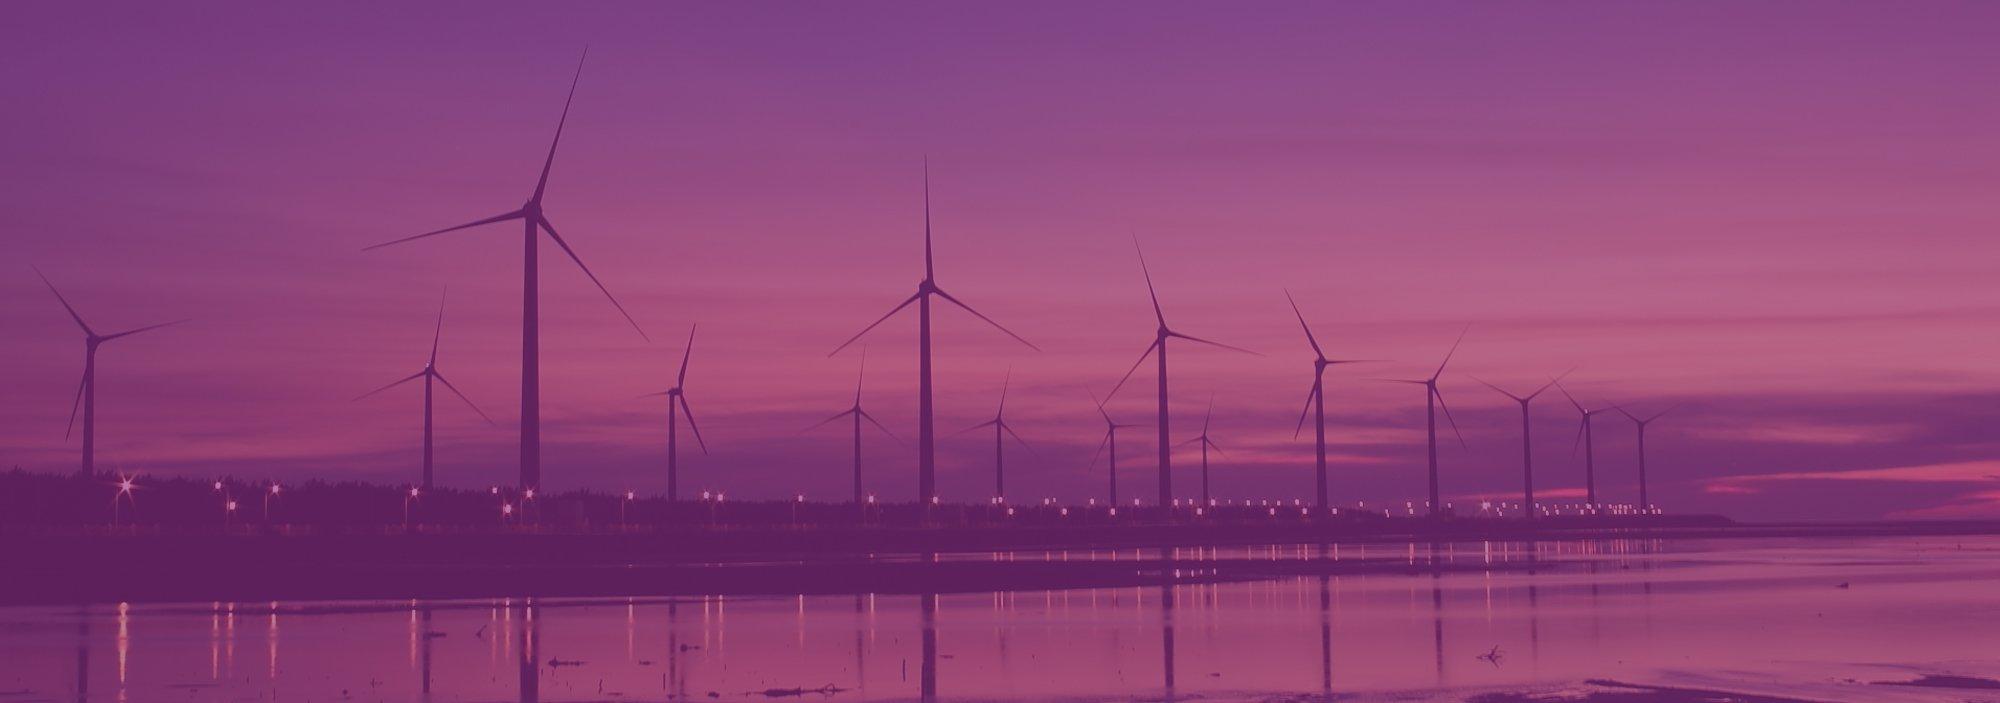 Duurzaam investeren met een duurzaam en eerlijk rendement van 5% - Veba Energieservice